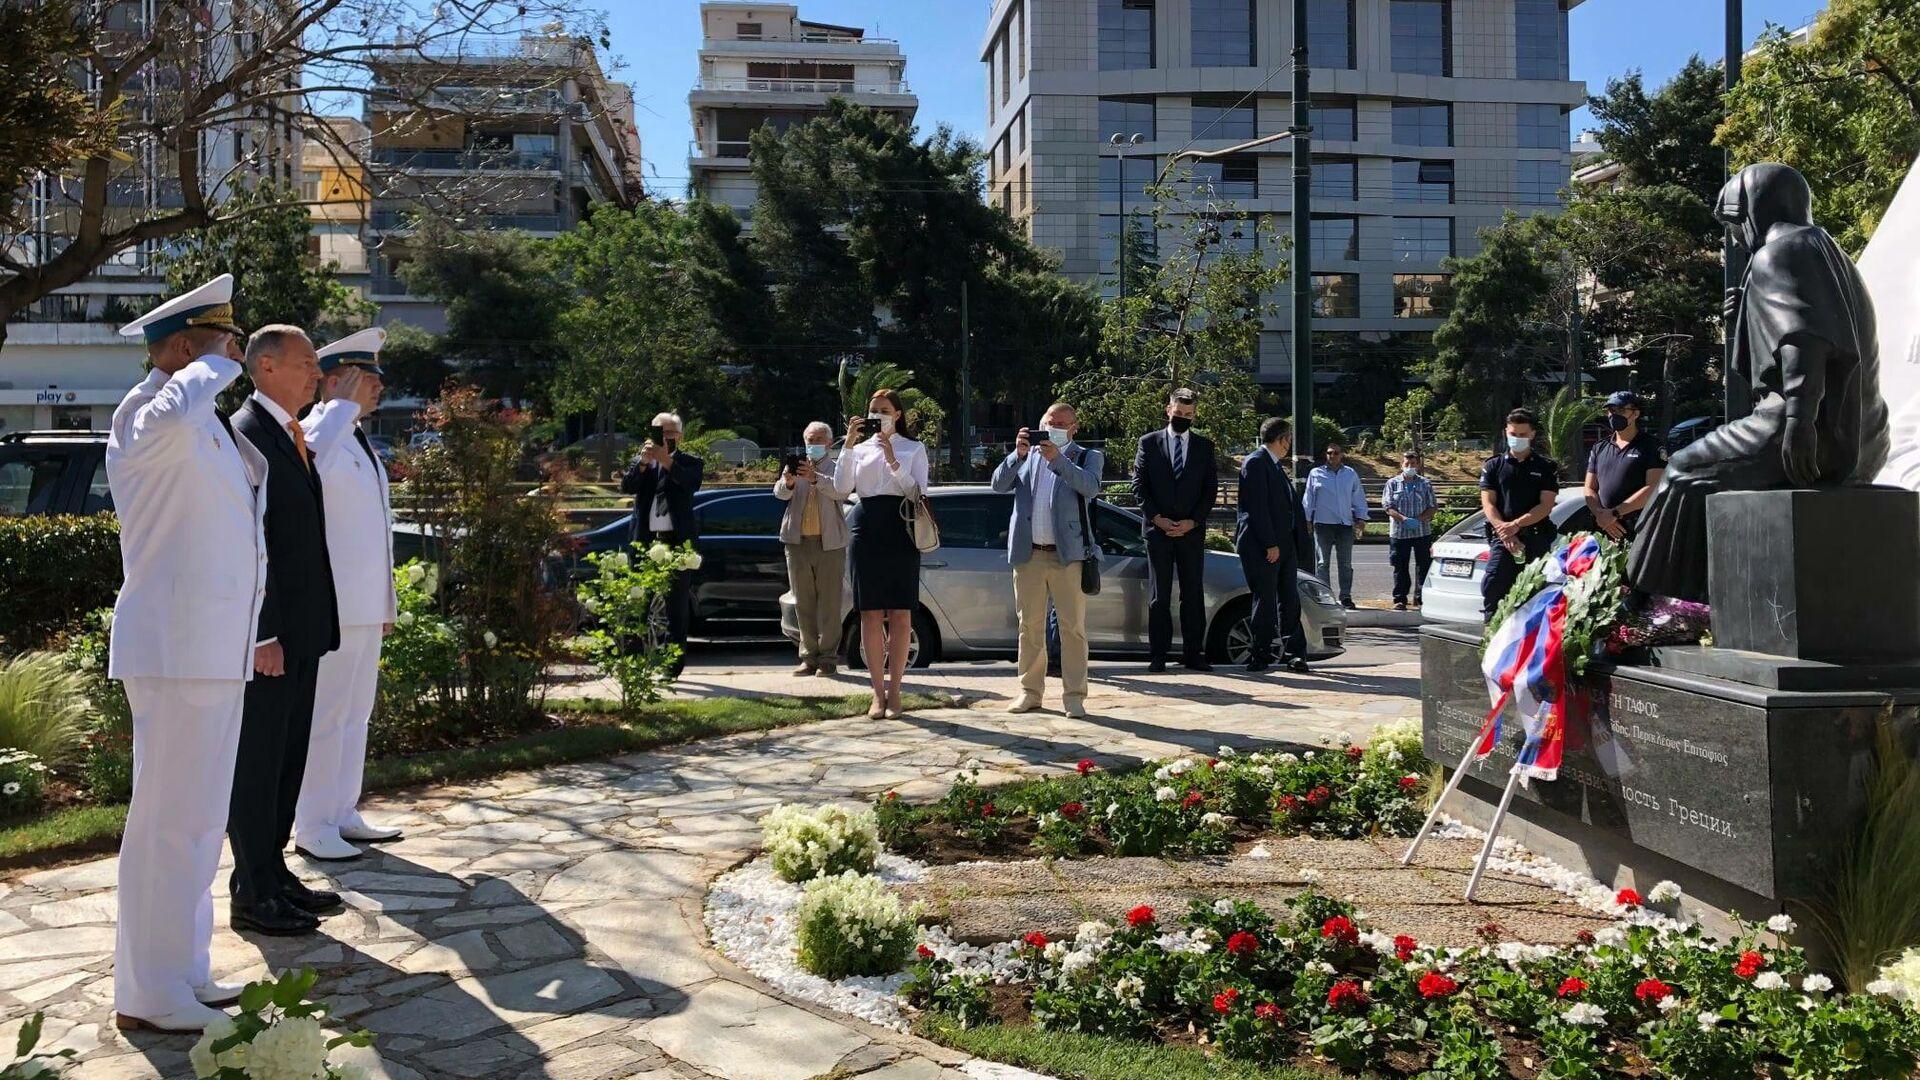 Возложение цветов к памятнику советским воинам, павшим за свободу и независимость Греции, на проспекте Сингру в Афинах - РИА Новости, 1920, 09.05.2021